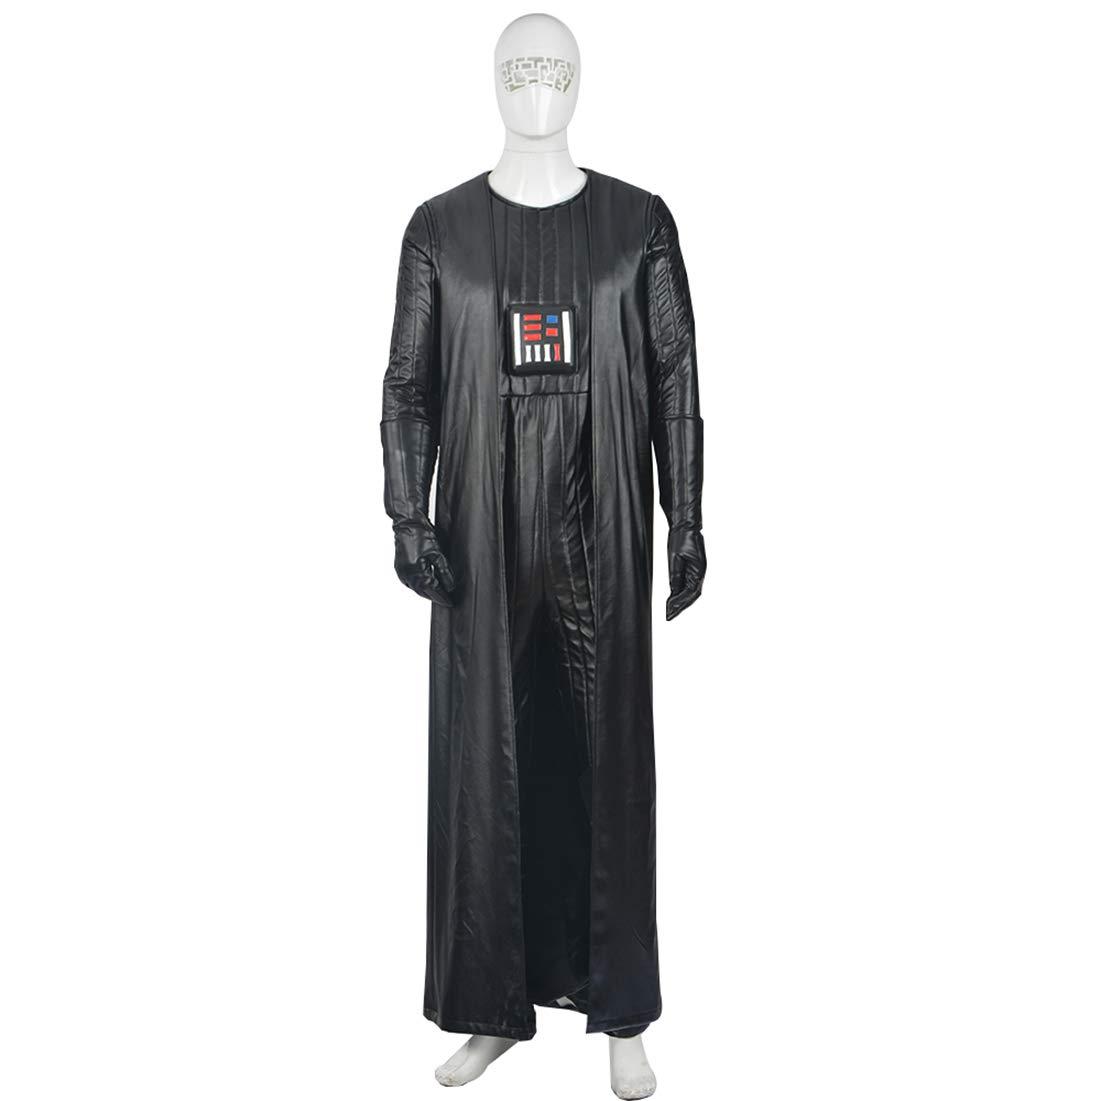 Rubyonly Star Wars Darth Vader Traje de Cosplay Traje Adulto ...